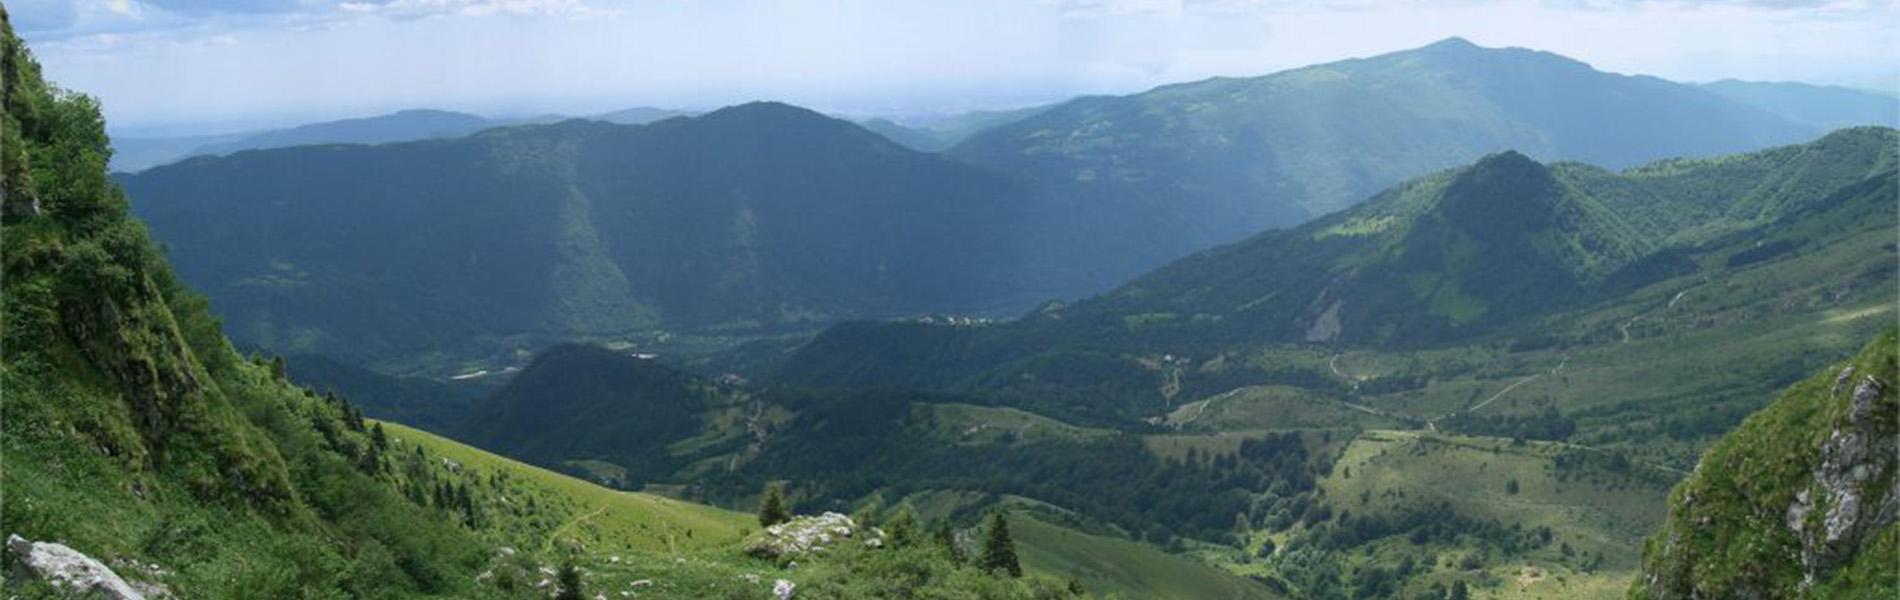 WW1 Isonzo Battlefields